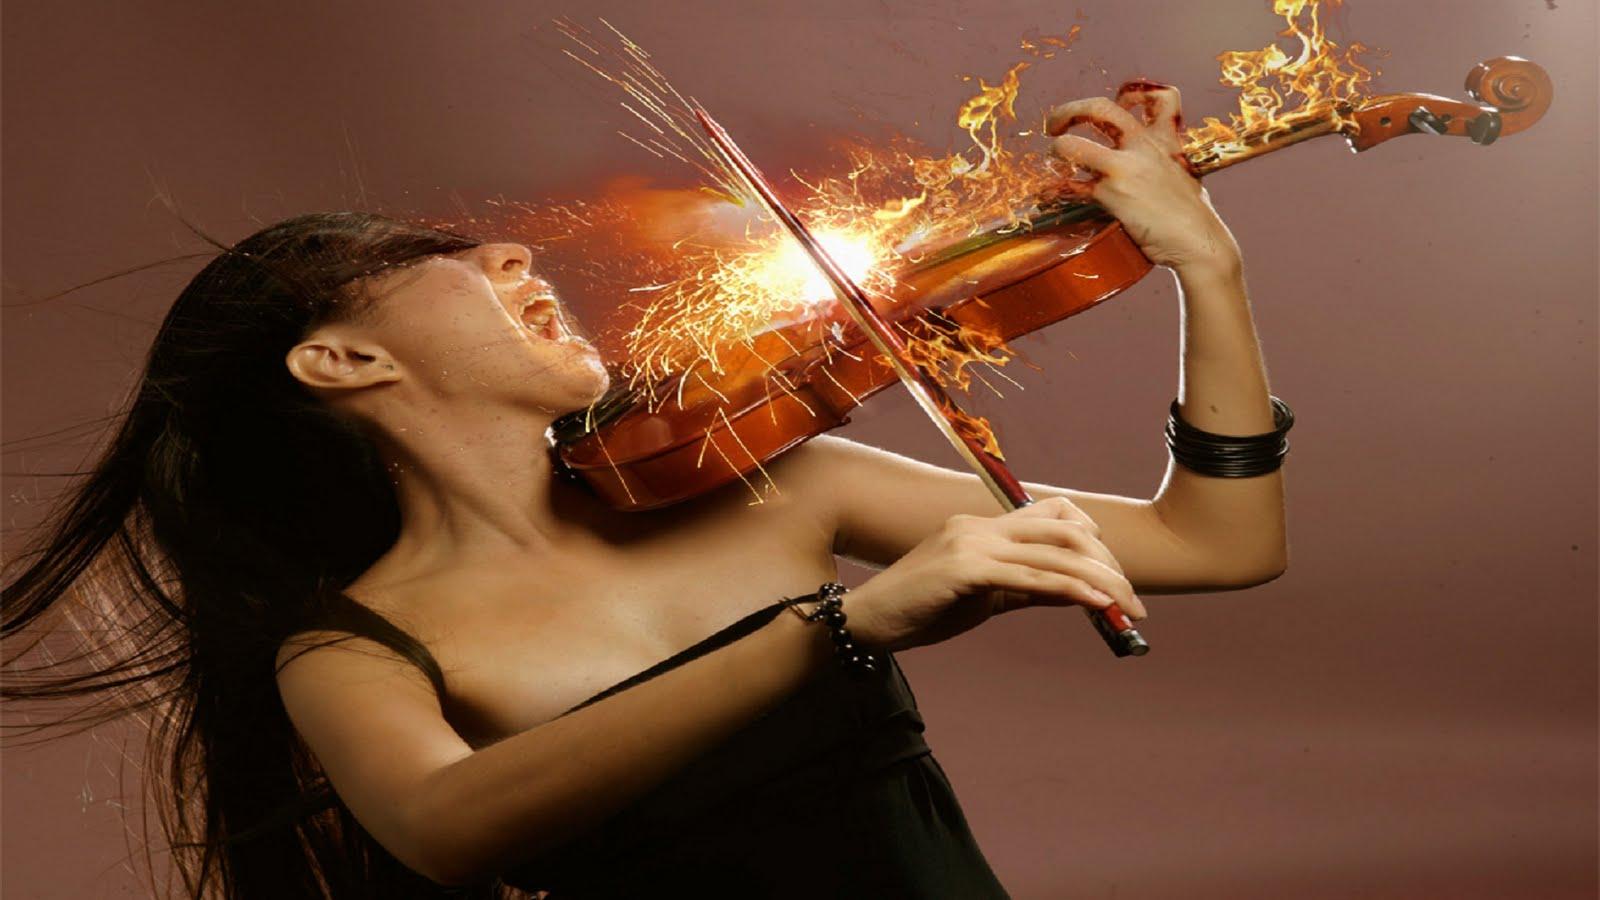 http://1.bp.blogspot.com/-8rd63vB0NJc/TfaRtW7k36I/AAAAAAAAAGE/Cc_jxaBEqdI/s1600/violin.jpg